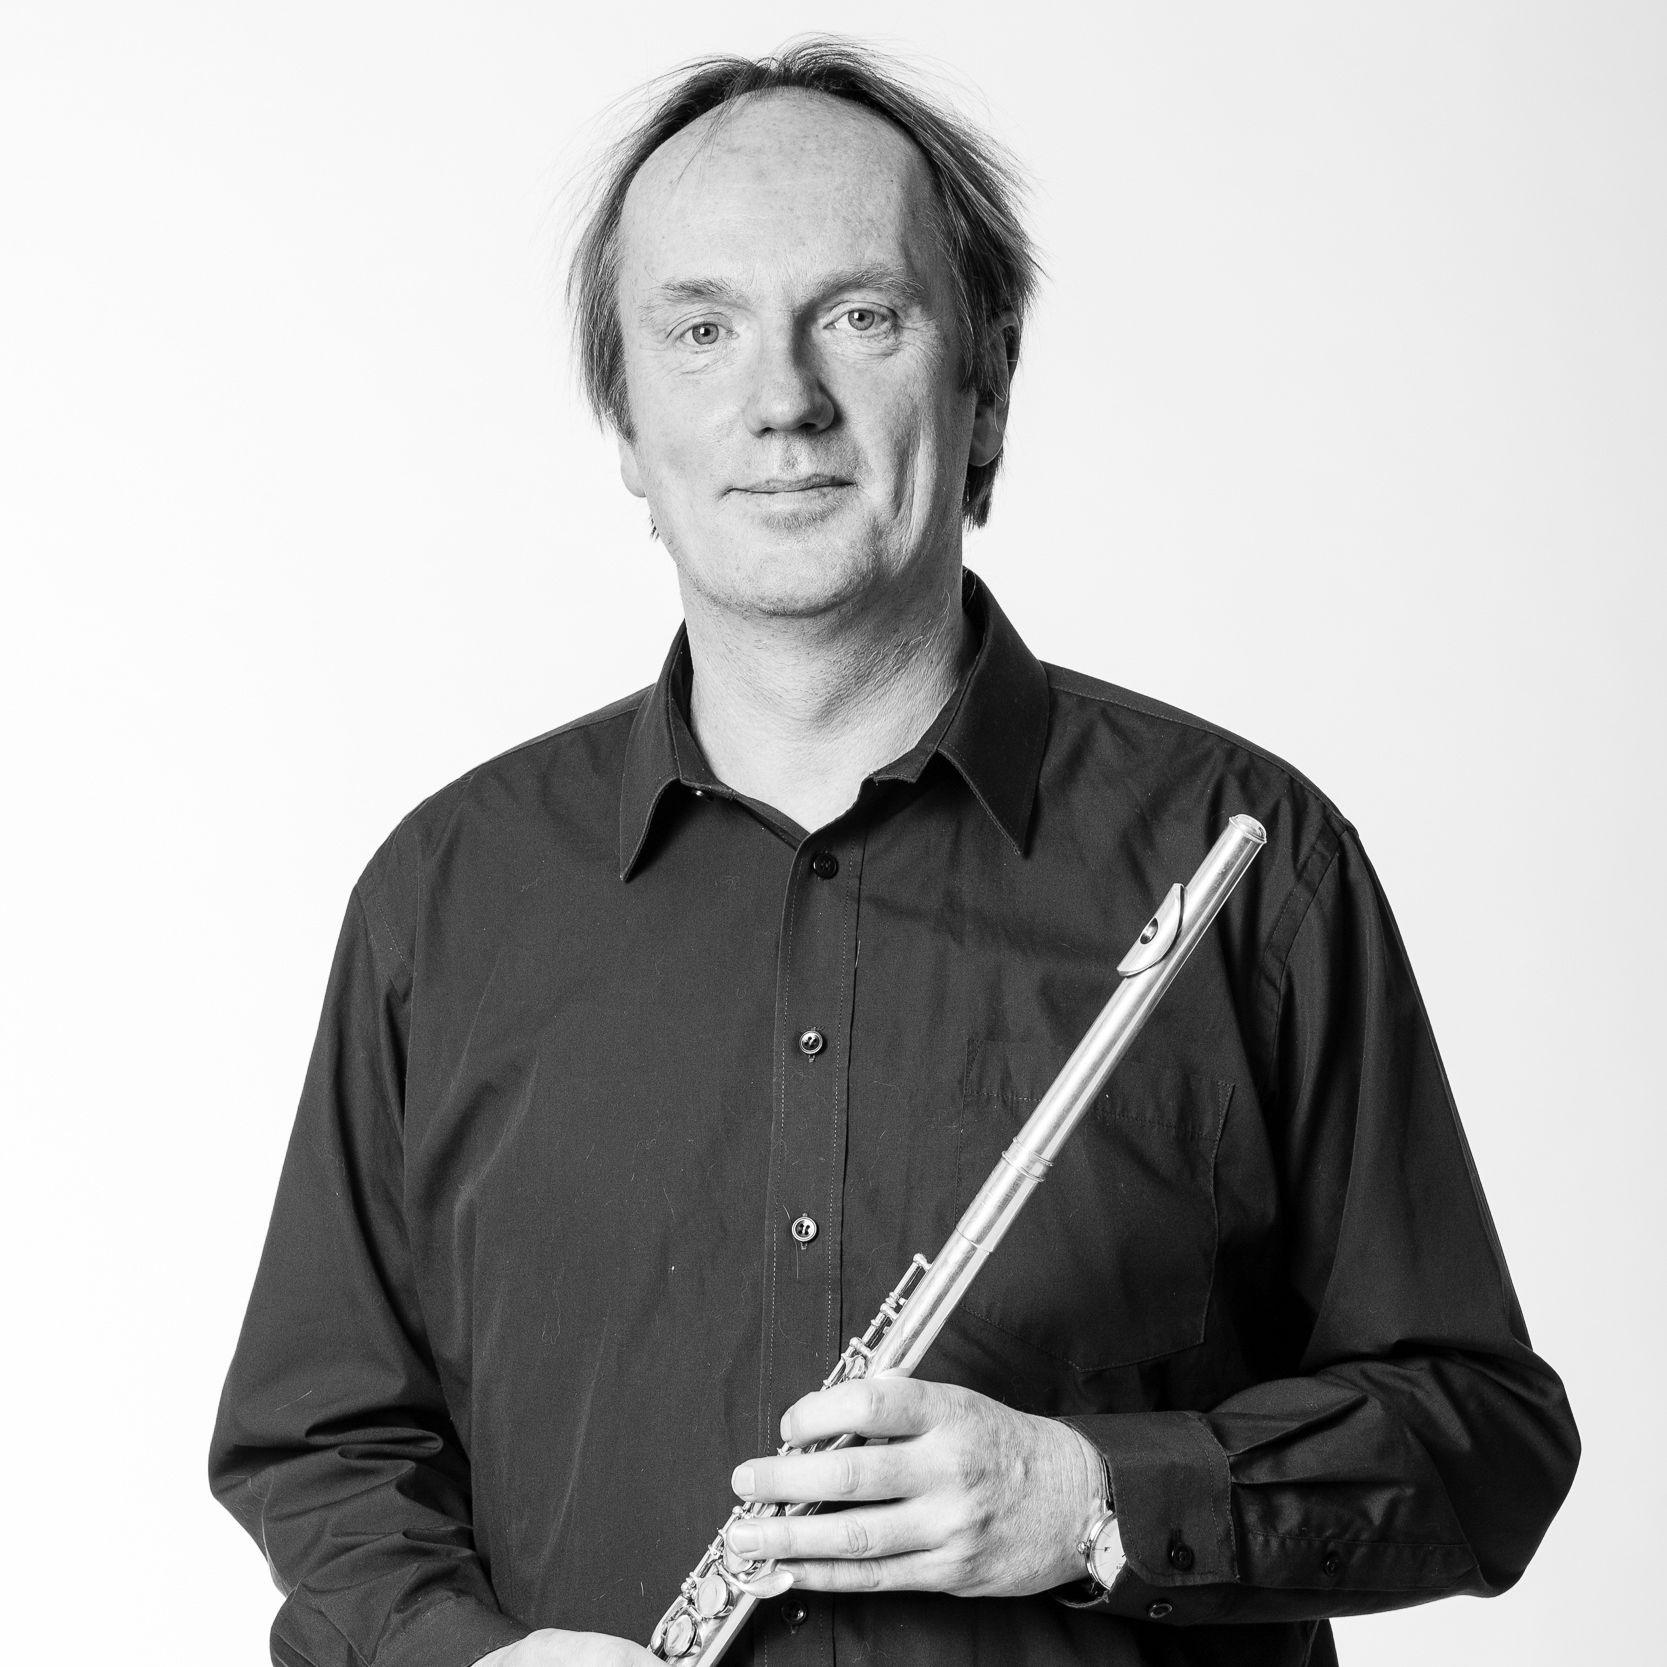 Tim Kunzke